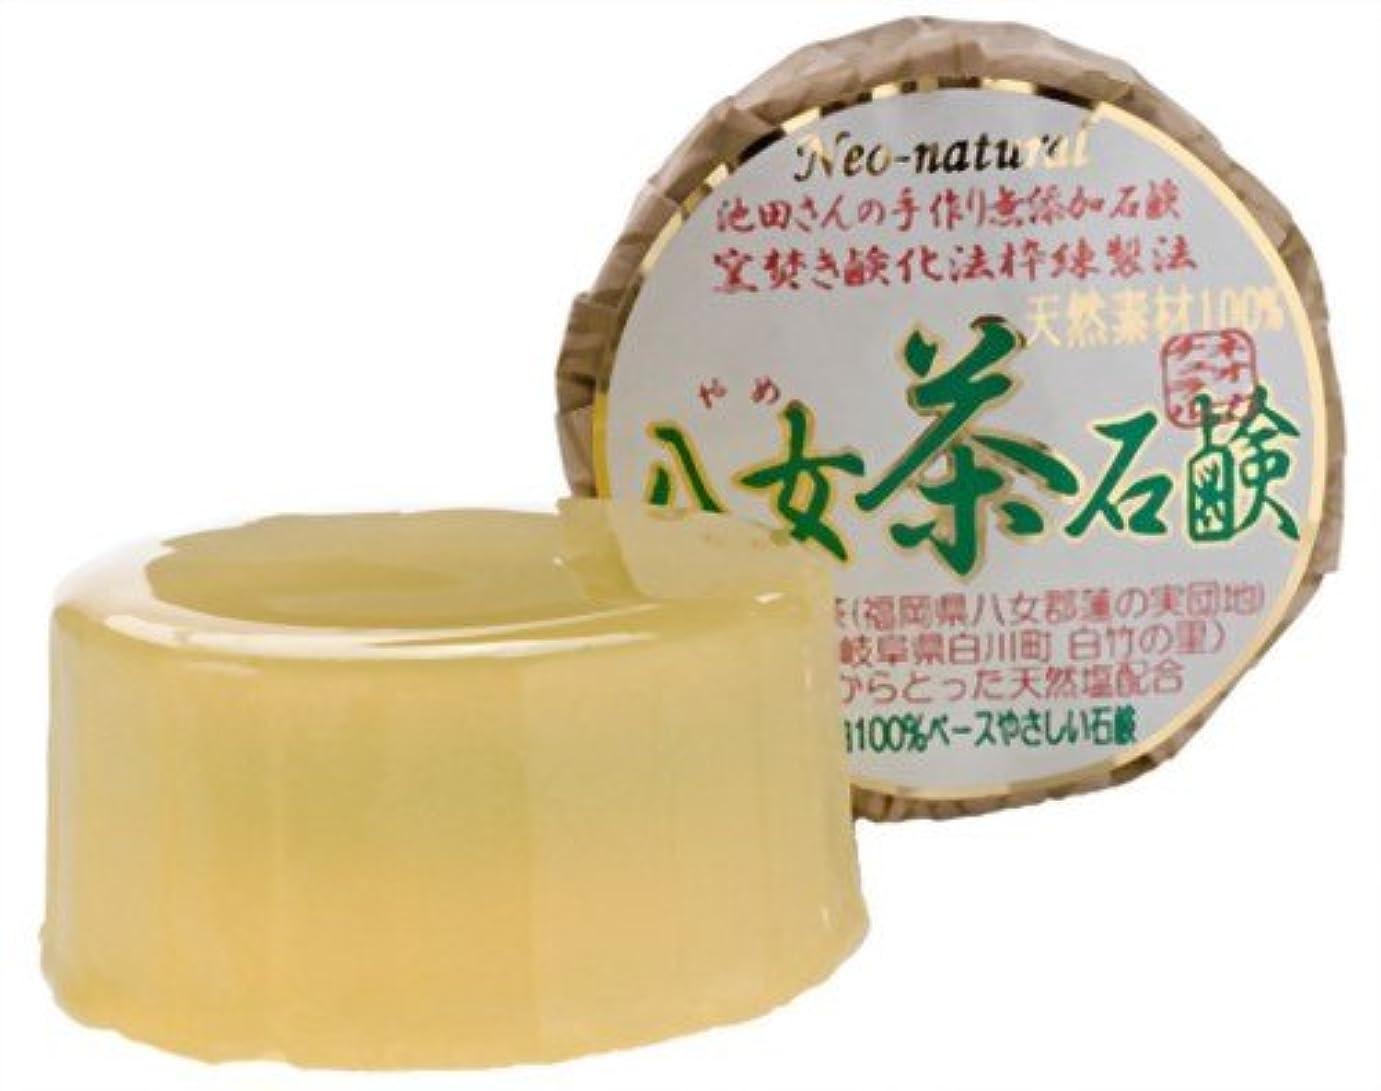 失効豚についてネオナチュラル 池田さんの八女茶石鹸 80g